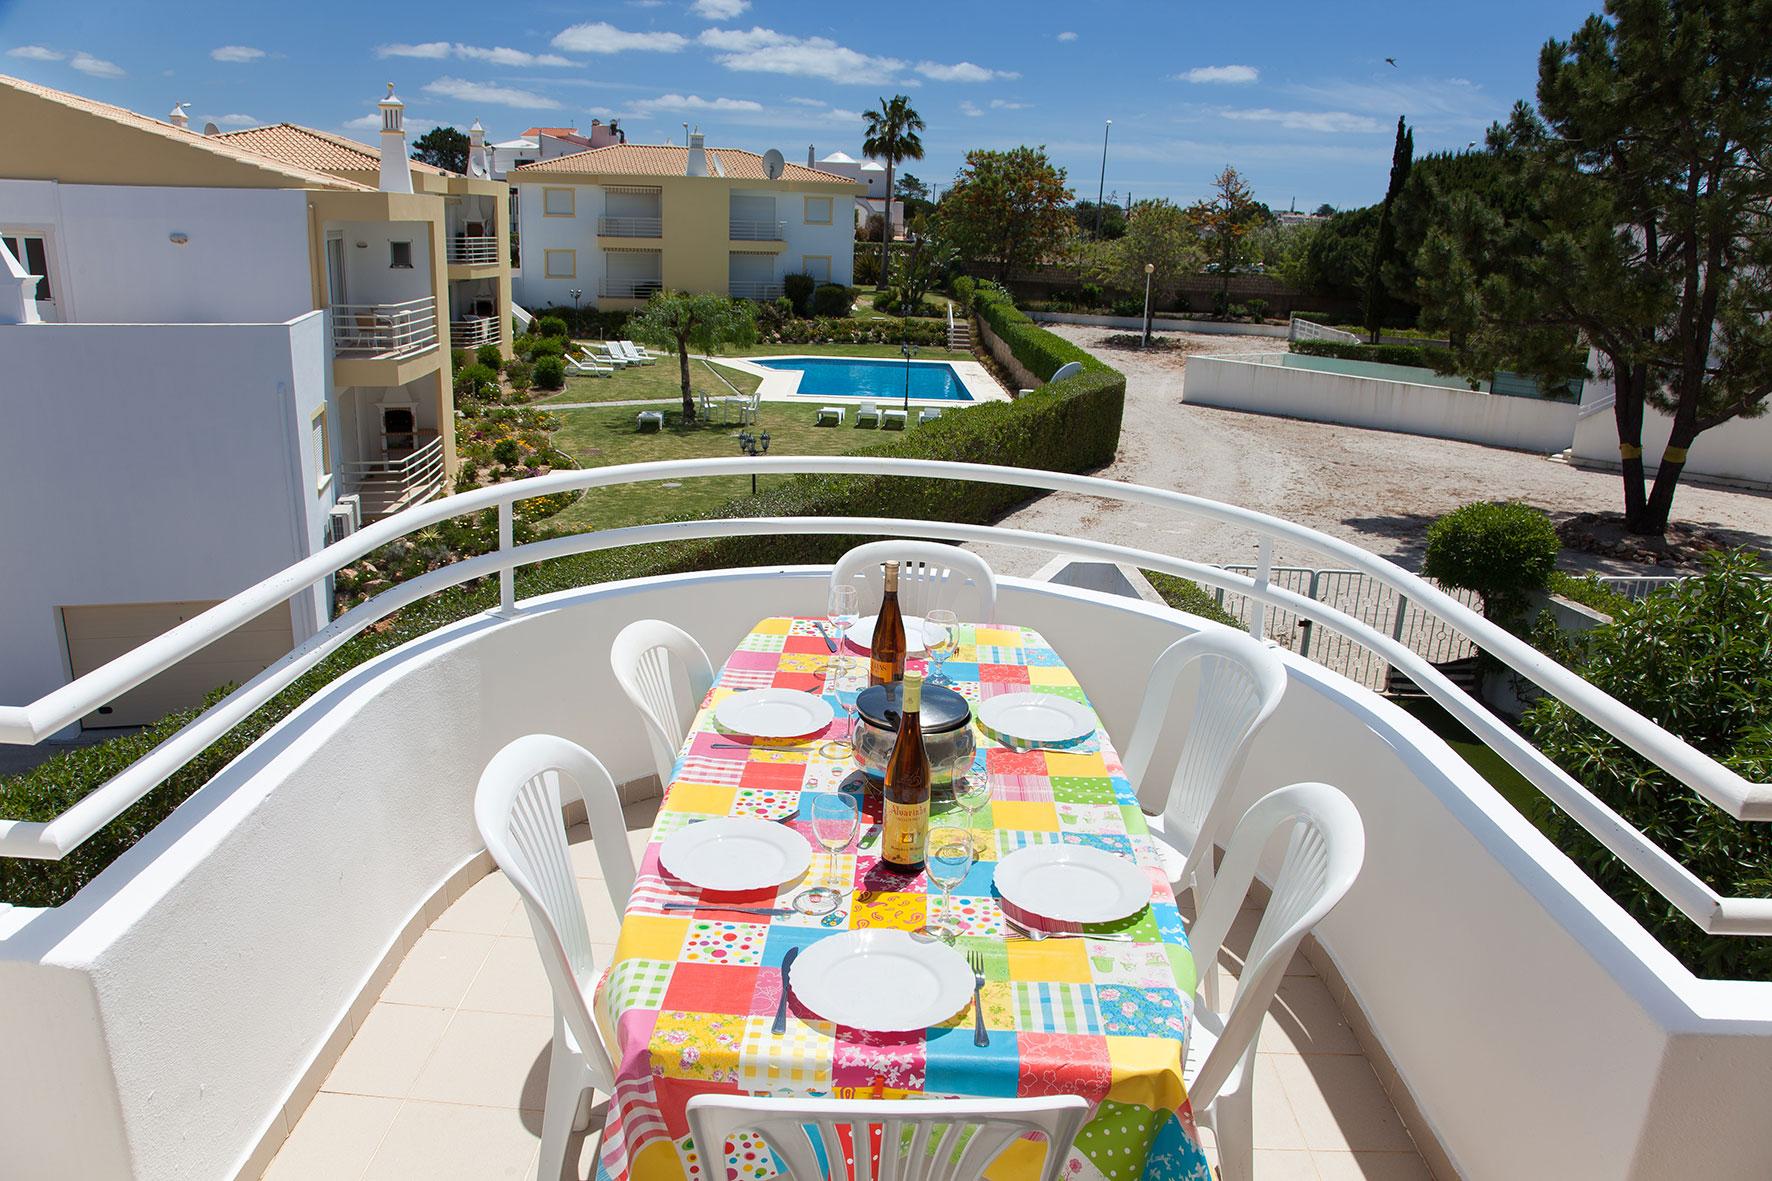 Holiday apartments and villas for rent, Apartamento T2 em Condomínio Com Piscina na Praia da Galé em Albufeira in Albufeira, Portugal Algarve, REF_IMG_6121_12075